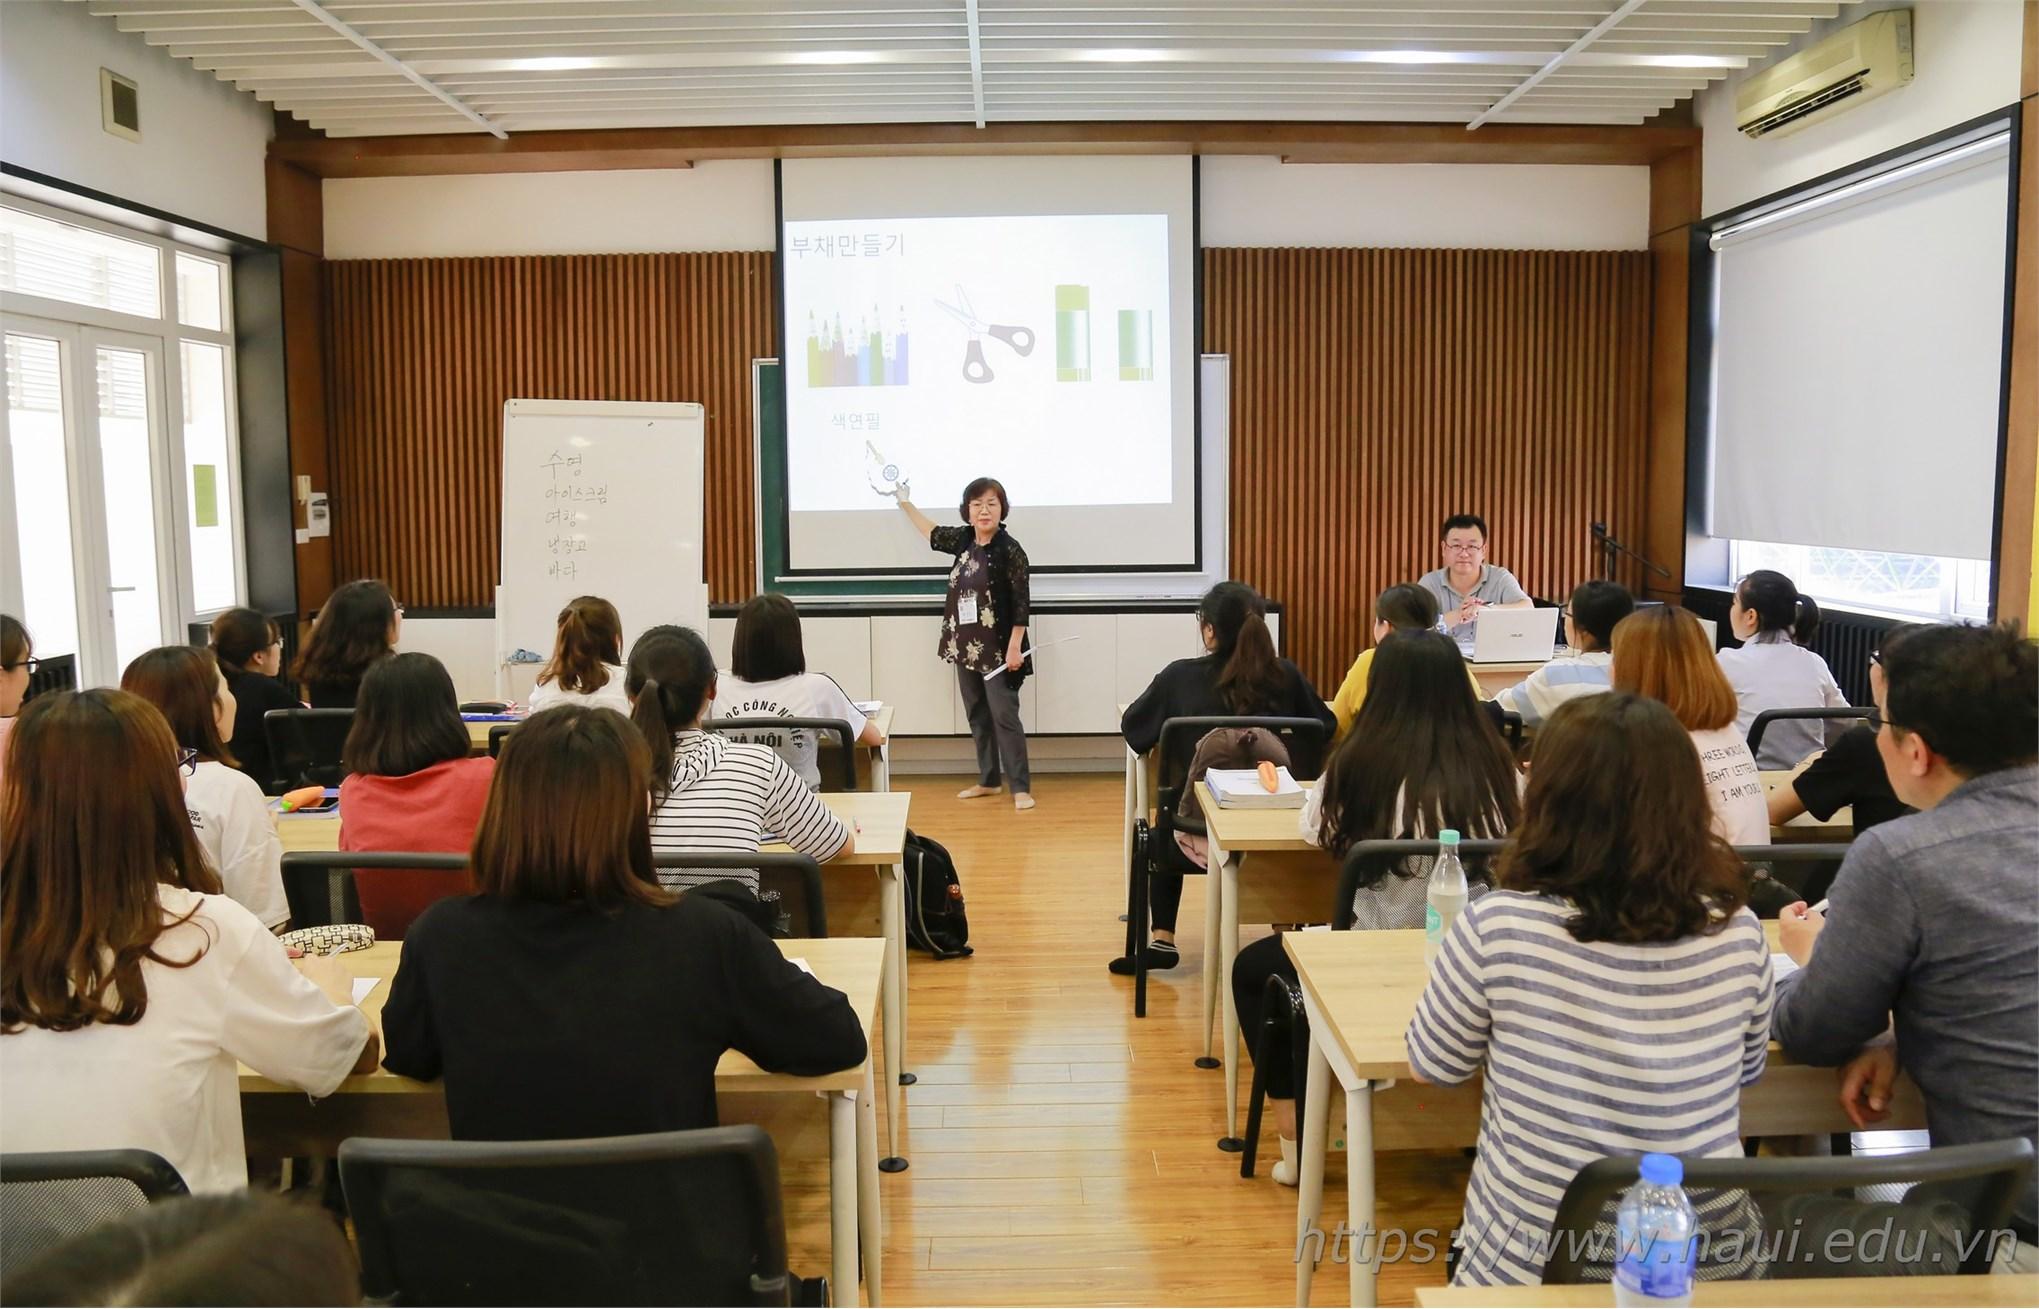 Giao lưu ngôn ngữ tiếng Hàn với giảng viên và sinh viên trường Đại học quốc gia Seoul - Hàn Quốc